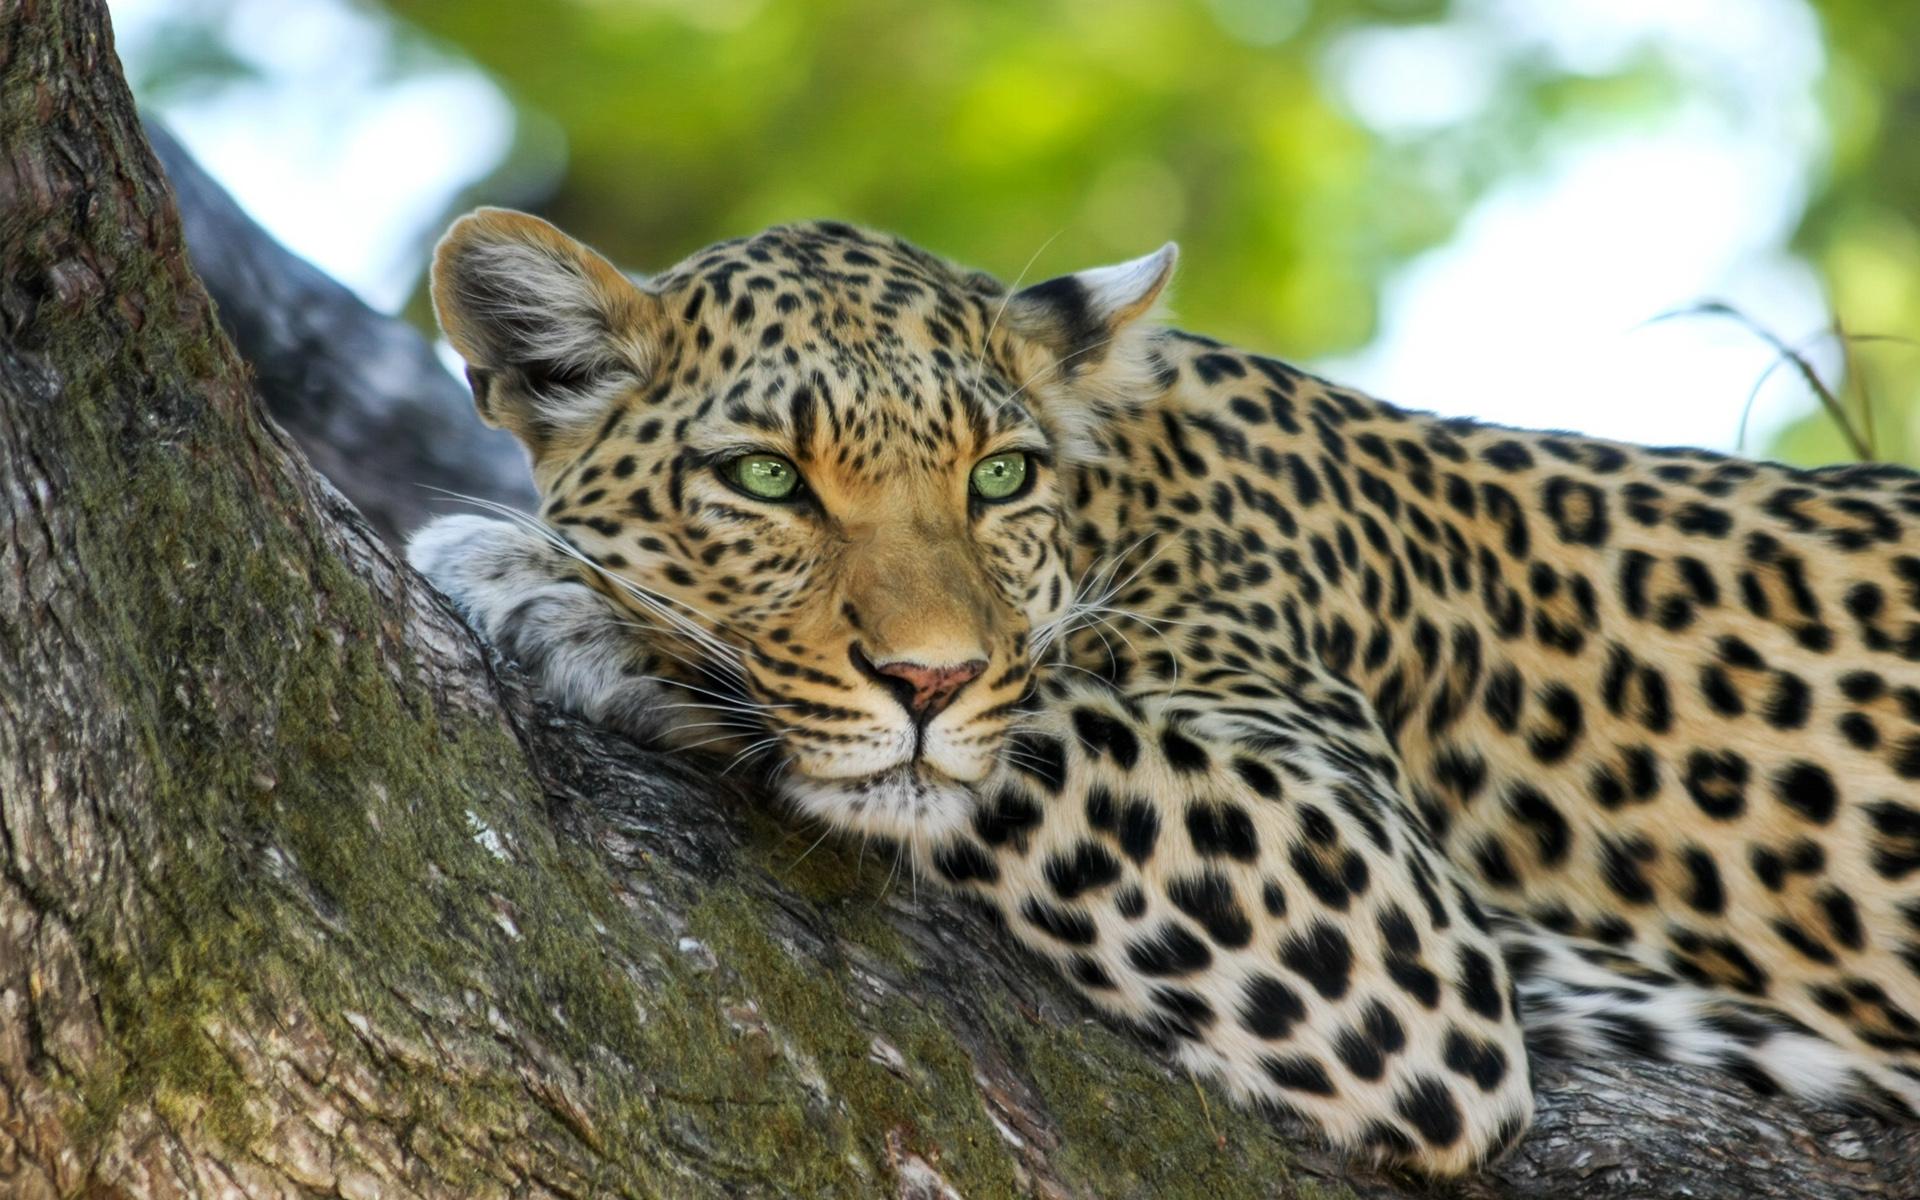 Leopard7145611264 - Leopard - Night, Leopard